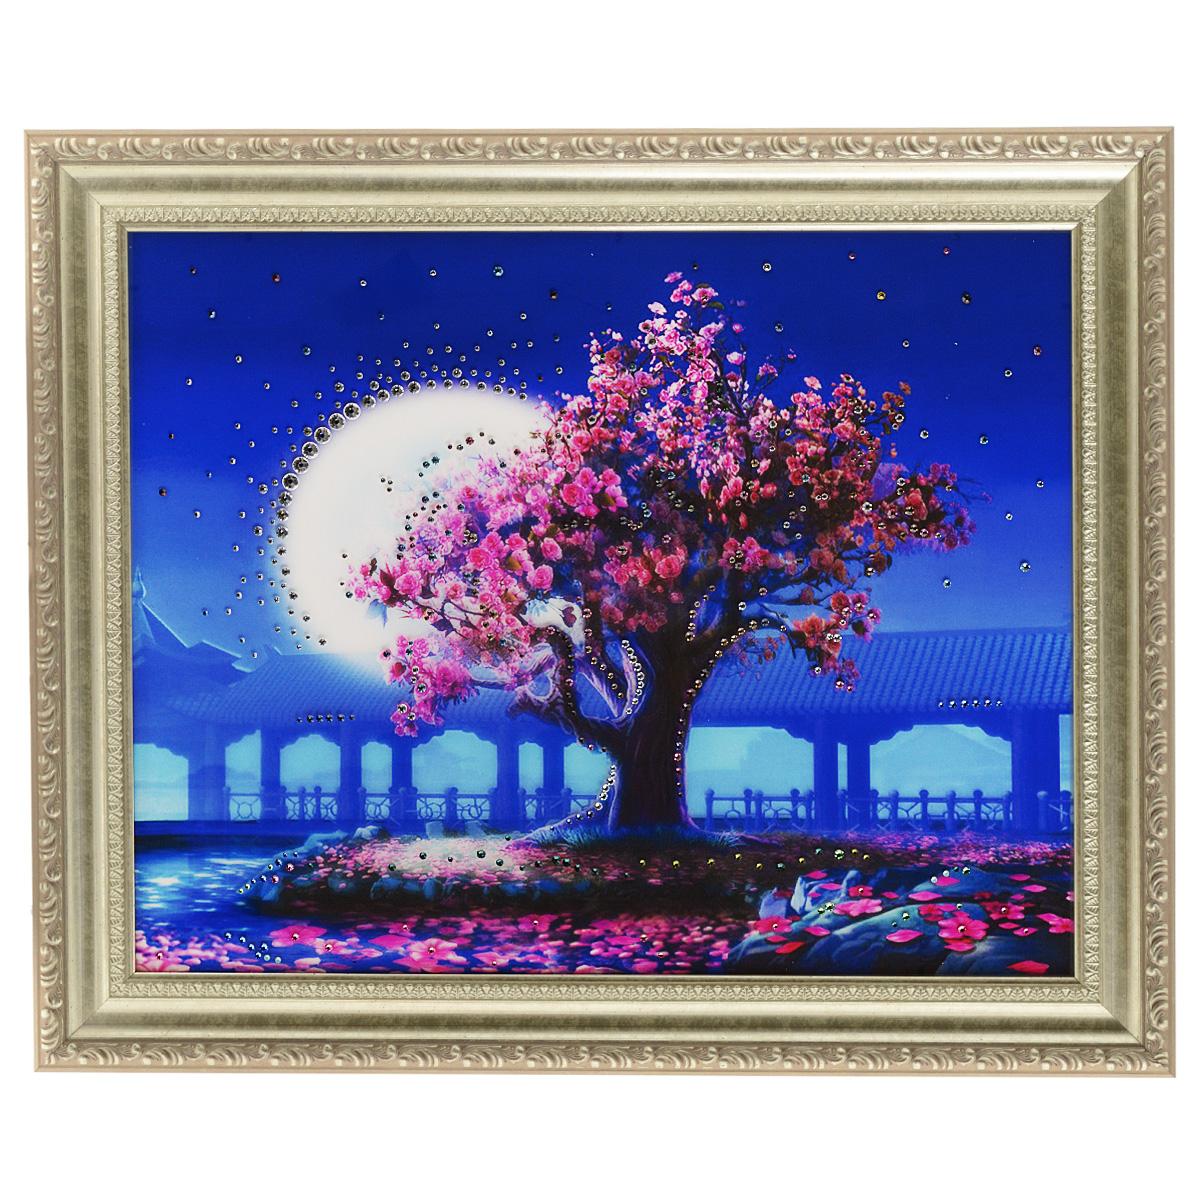 Картина с кристаллами Swarovski Лунный свет, 60 х 50 см12723Изящная картина в багетной раме, инкрустирована кристаллами Swarovski, которые отличаются четкой и ровной огранкой, ярким блеском и чистотой цвета. Красочное изображение сада в лунном свете, расположенное на внутренней стороне стекла, прекрасно дополняет блеск кристаллов. С обратной стороны имеется металлическая проволока для размещения картины на стене. Картина с кристаллами Swarovski Лунный свет элегантно украсит интерьер дома или офиса, а также станет прекрасным подарком, который обязательно понравится получателю. Блеск кристаллов в интерьере, что может быть сказочнее и удивительнее. Картина упакована в подарочную картонную коробку синего цвета и комплектуется сертификатом соответствия Swarovski.